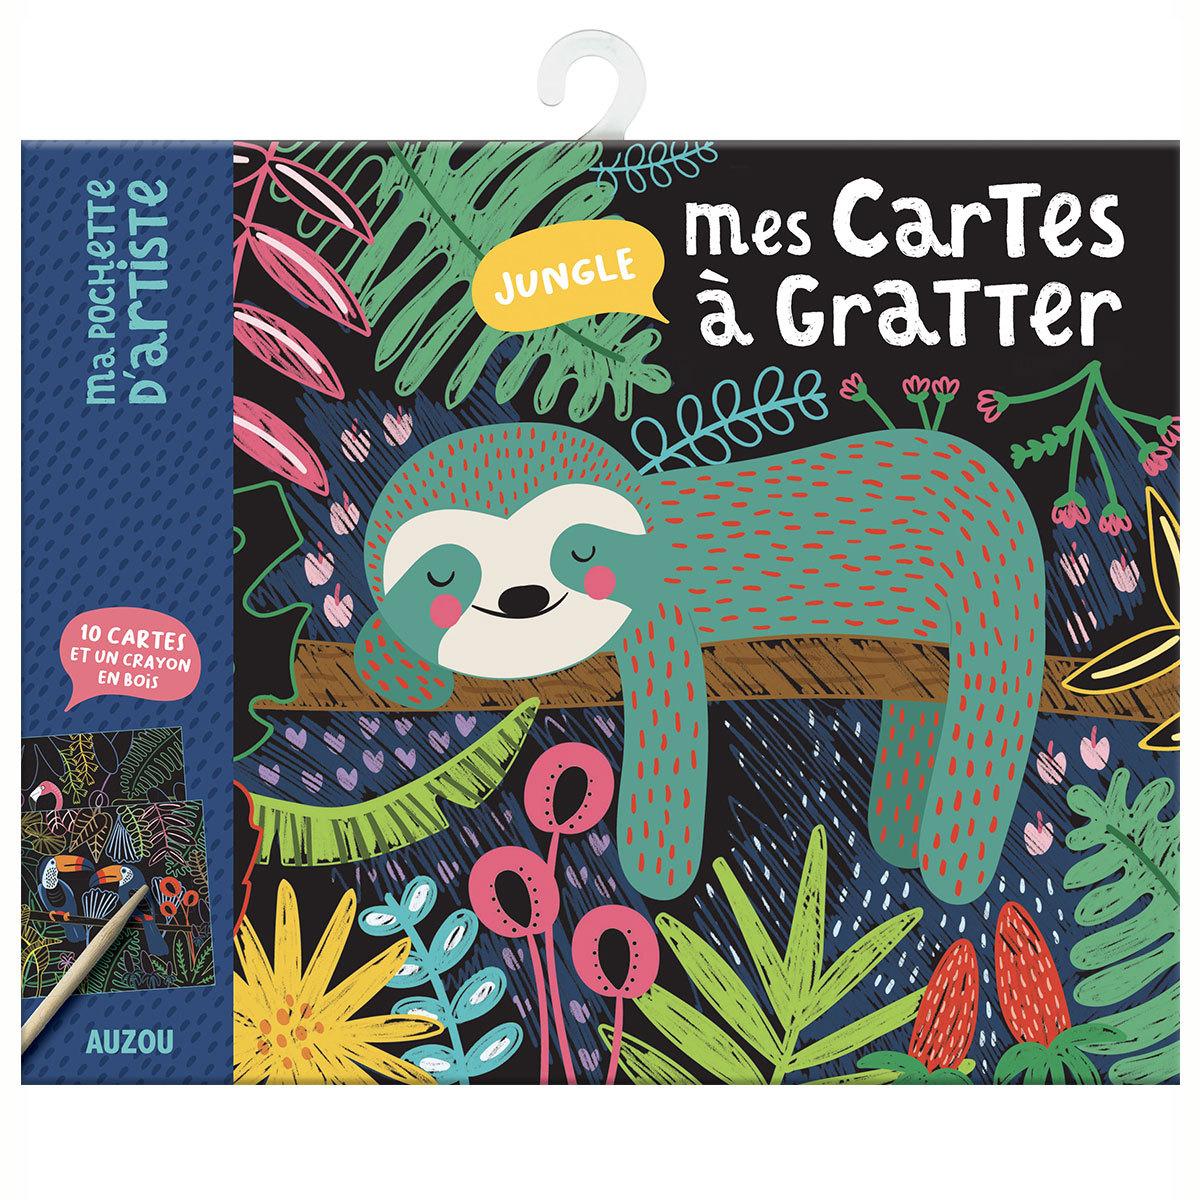 Livre & Carte Mes Cartes à Gratter - Jungle